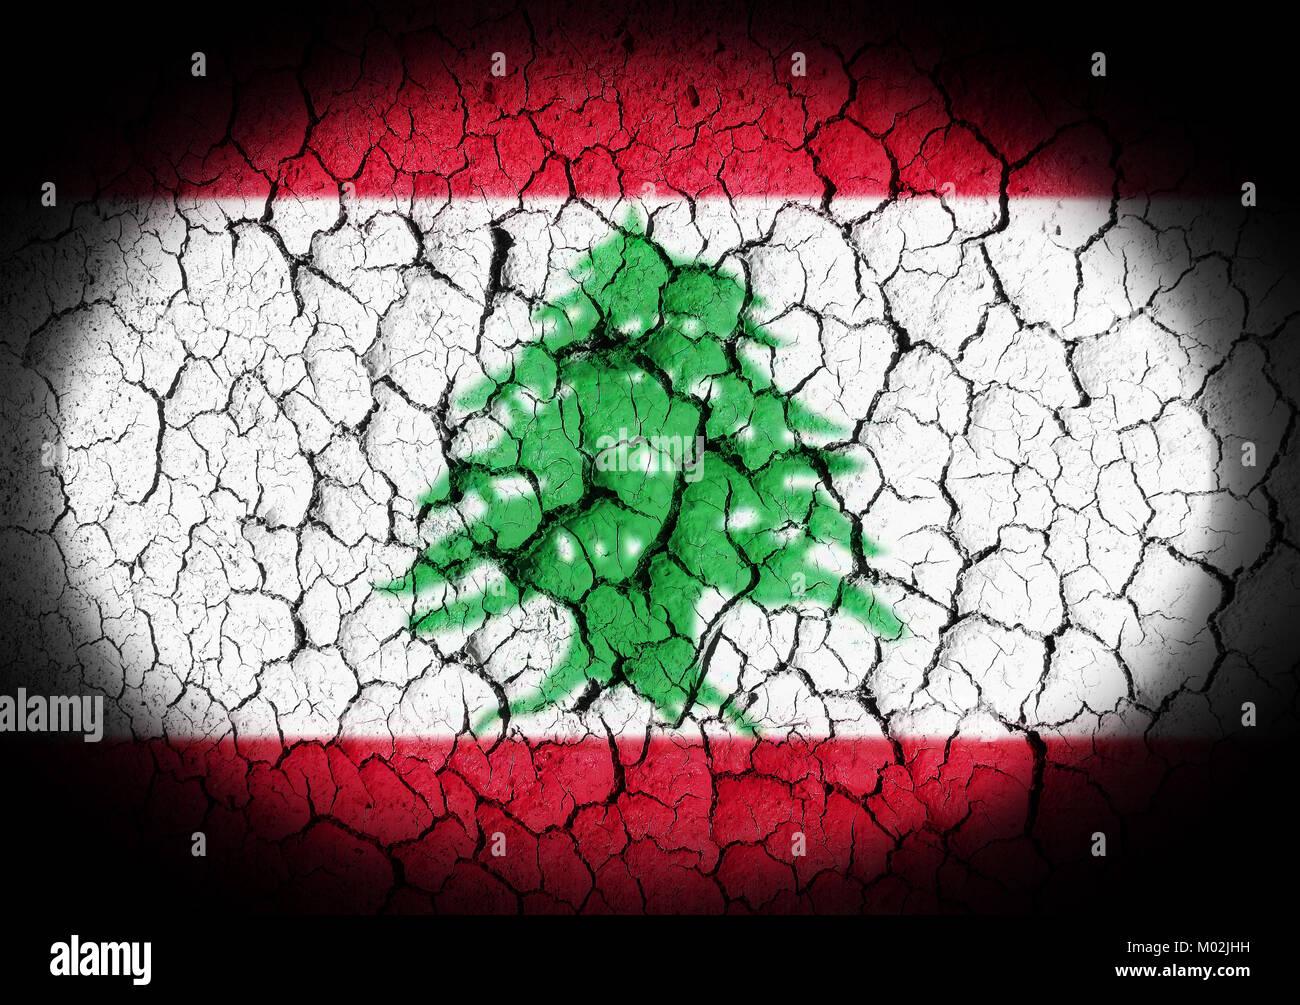 The Lebanese flag painted on grunge - Stock Image